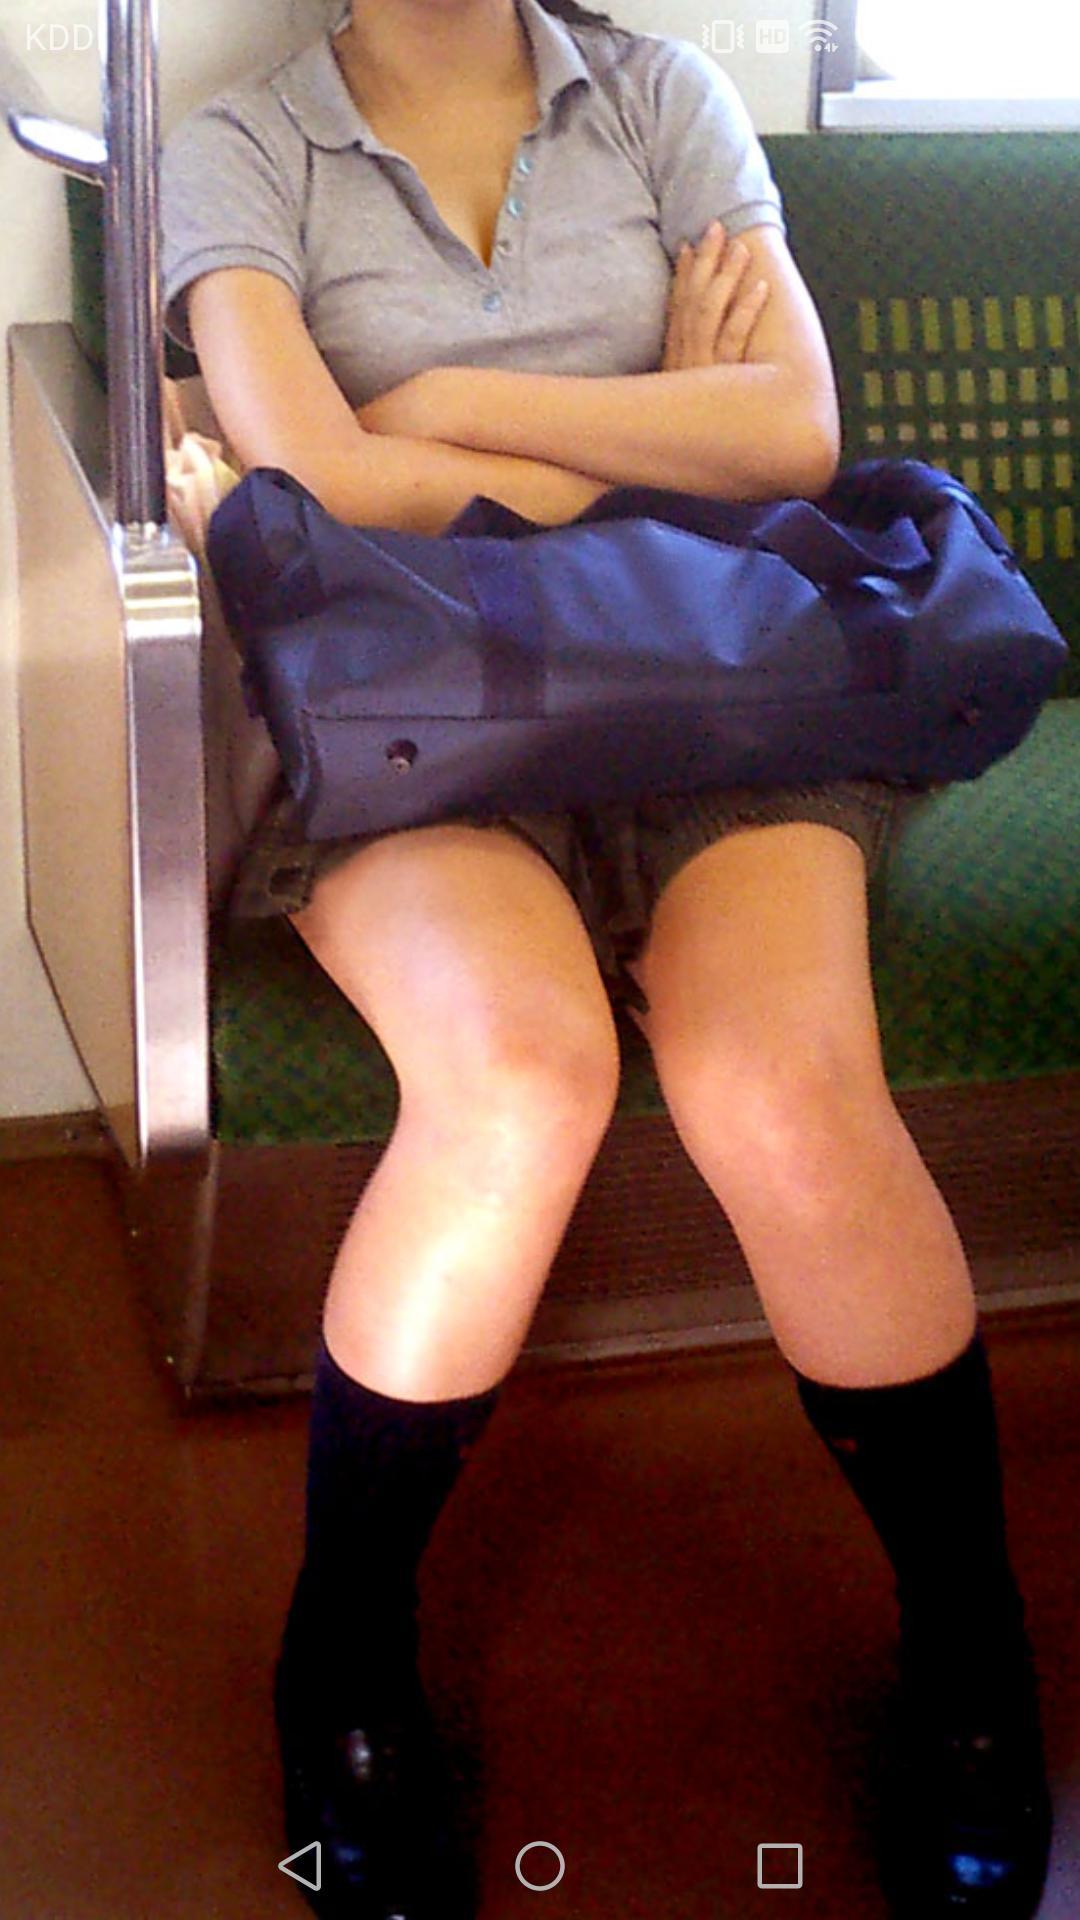 ドスケベボディのJKさん、電車内で居眠りをしてしまうwwwwwwwwwwwwwww ygvlqjx